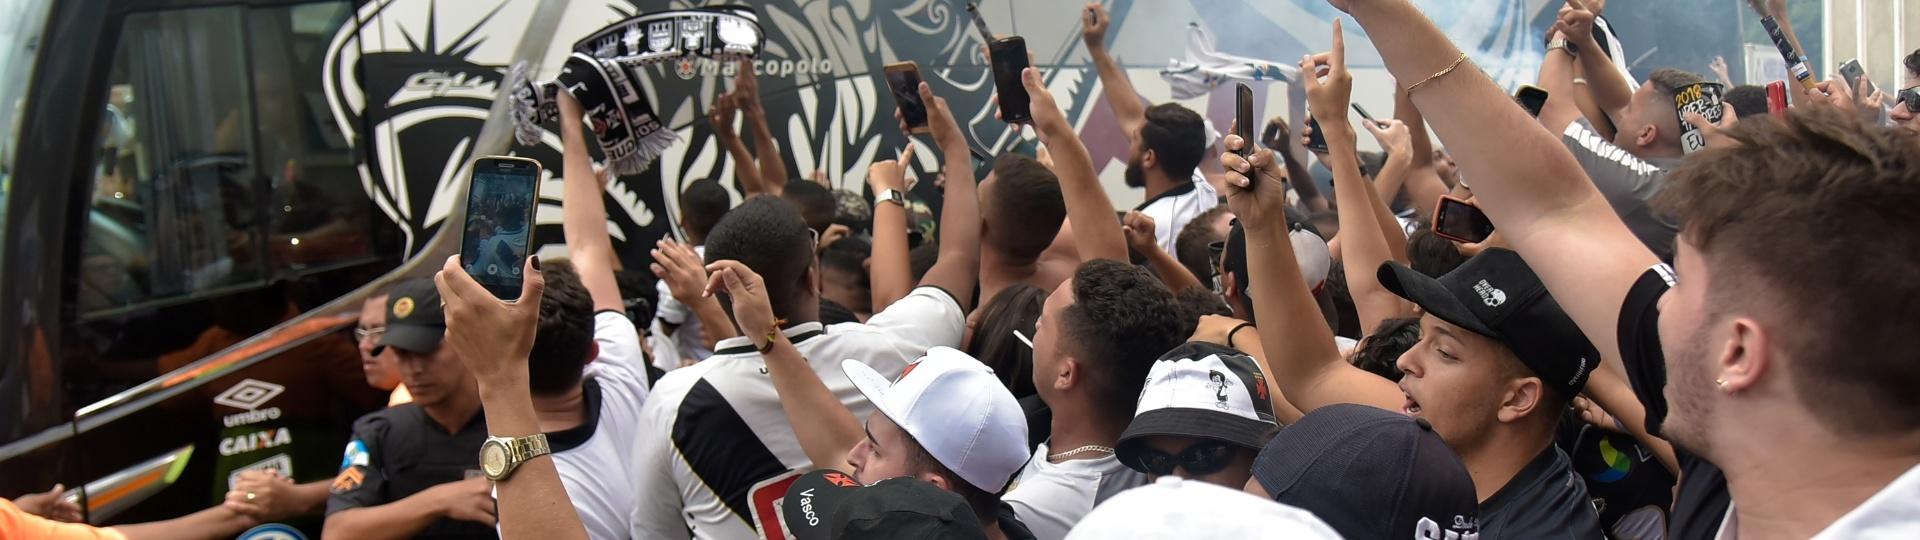 Torcida do Vasco recebe o ônibus do time antes de jogo contra a Ponte Preta